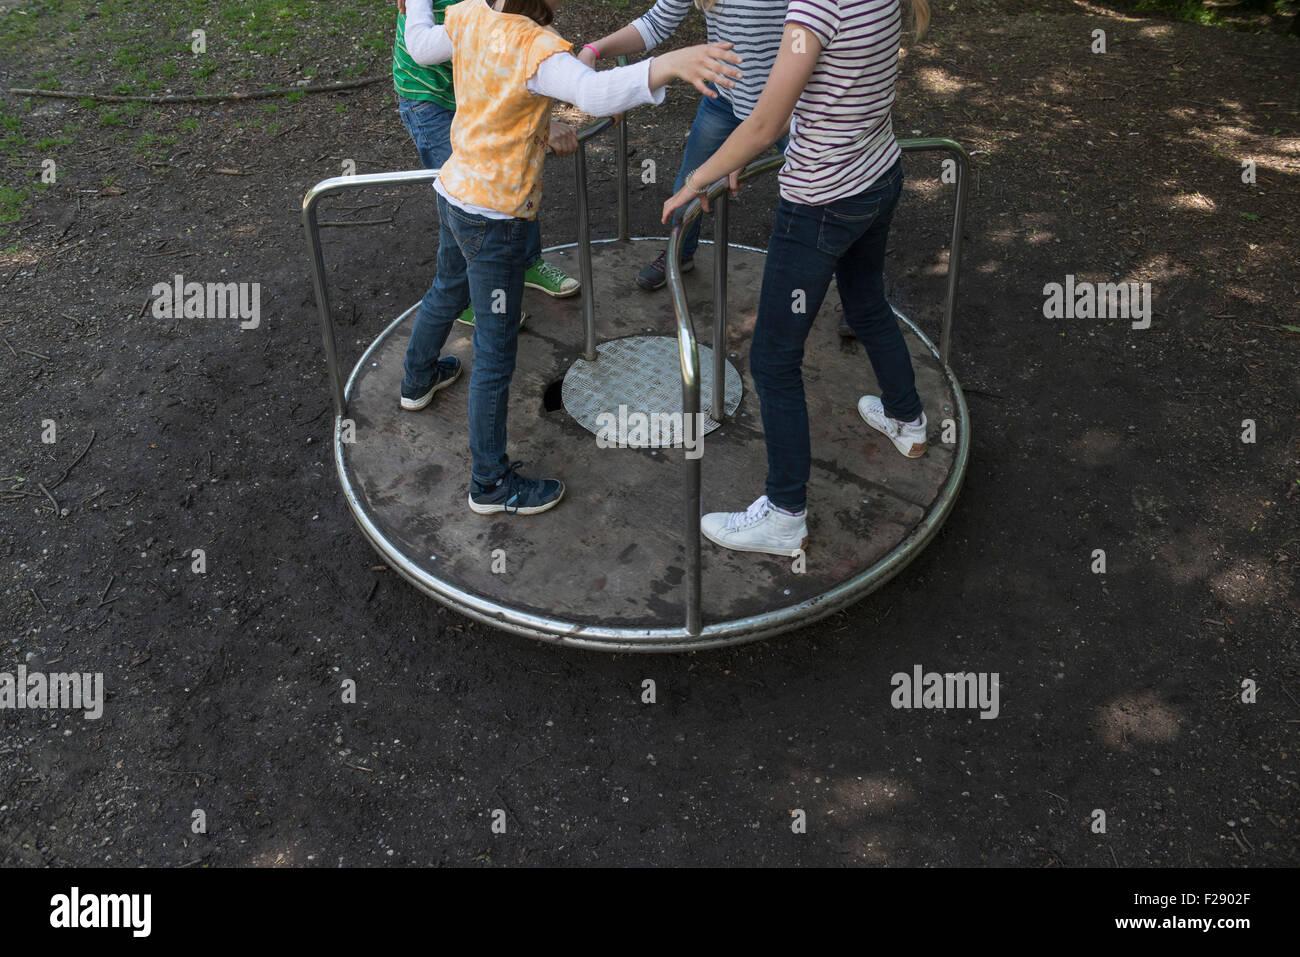 Bambini divertirsi su una giostra nel parco giochi, Monaco di Baviera, Germania Immagini Stock